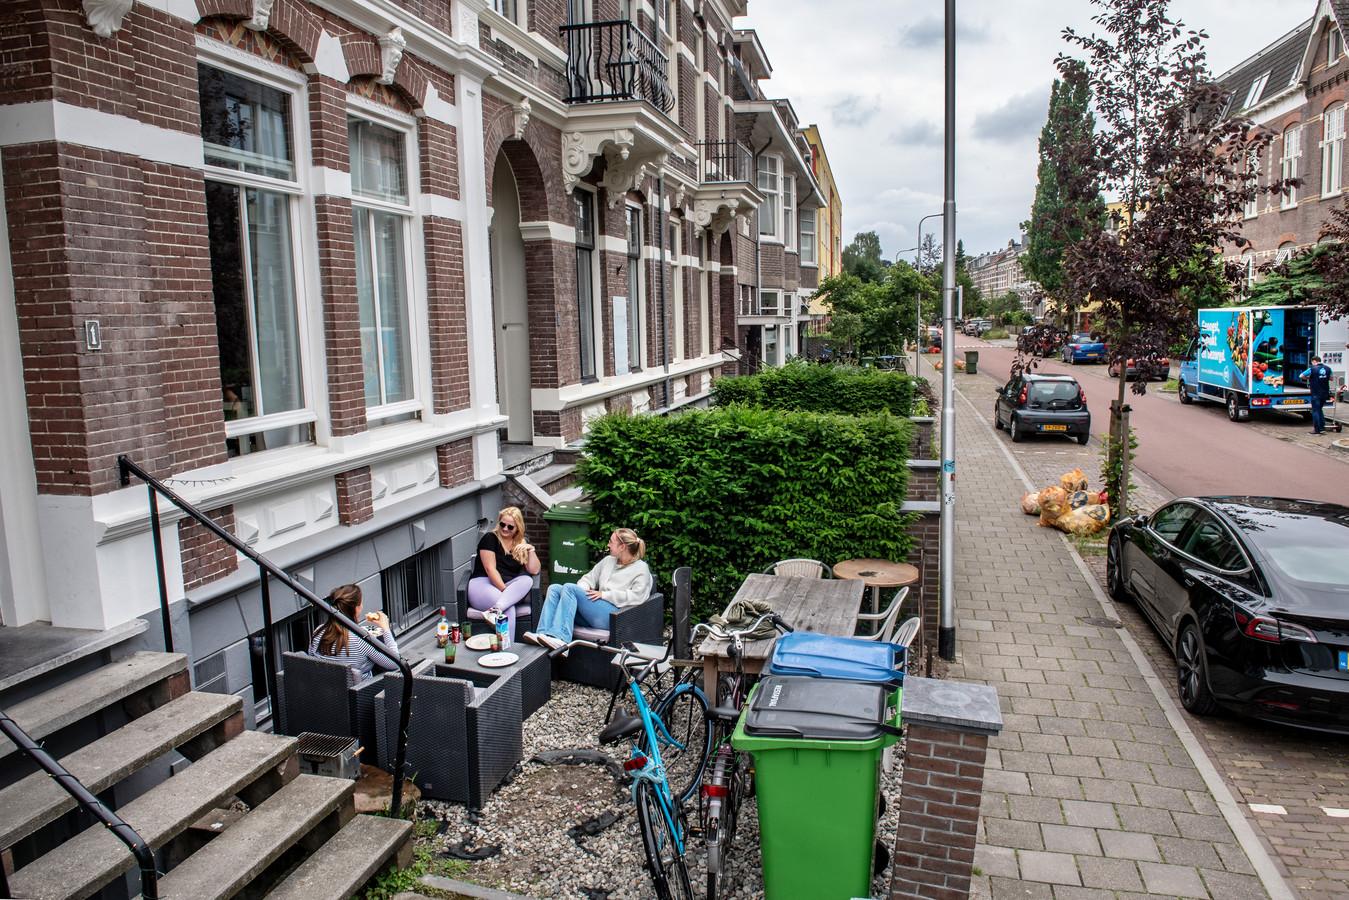 Nijmegen, 23-06-2021. - Kamer- / gezinsbewoning. Dominicanenstraat   Foto: Bert Beelen   Dgfoto